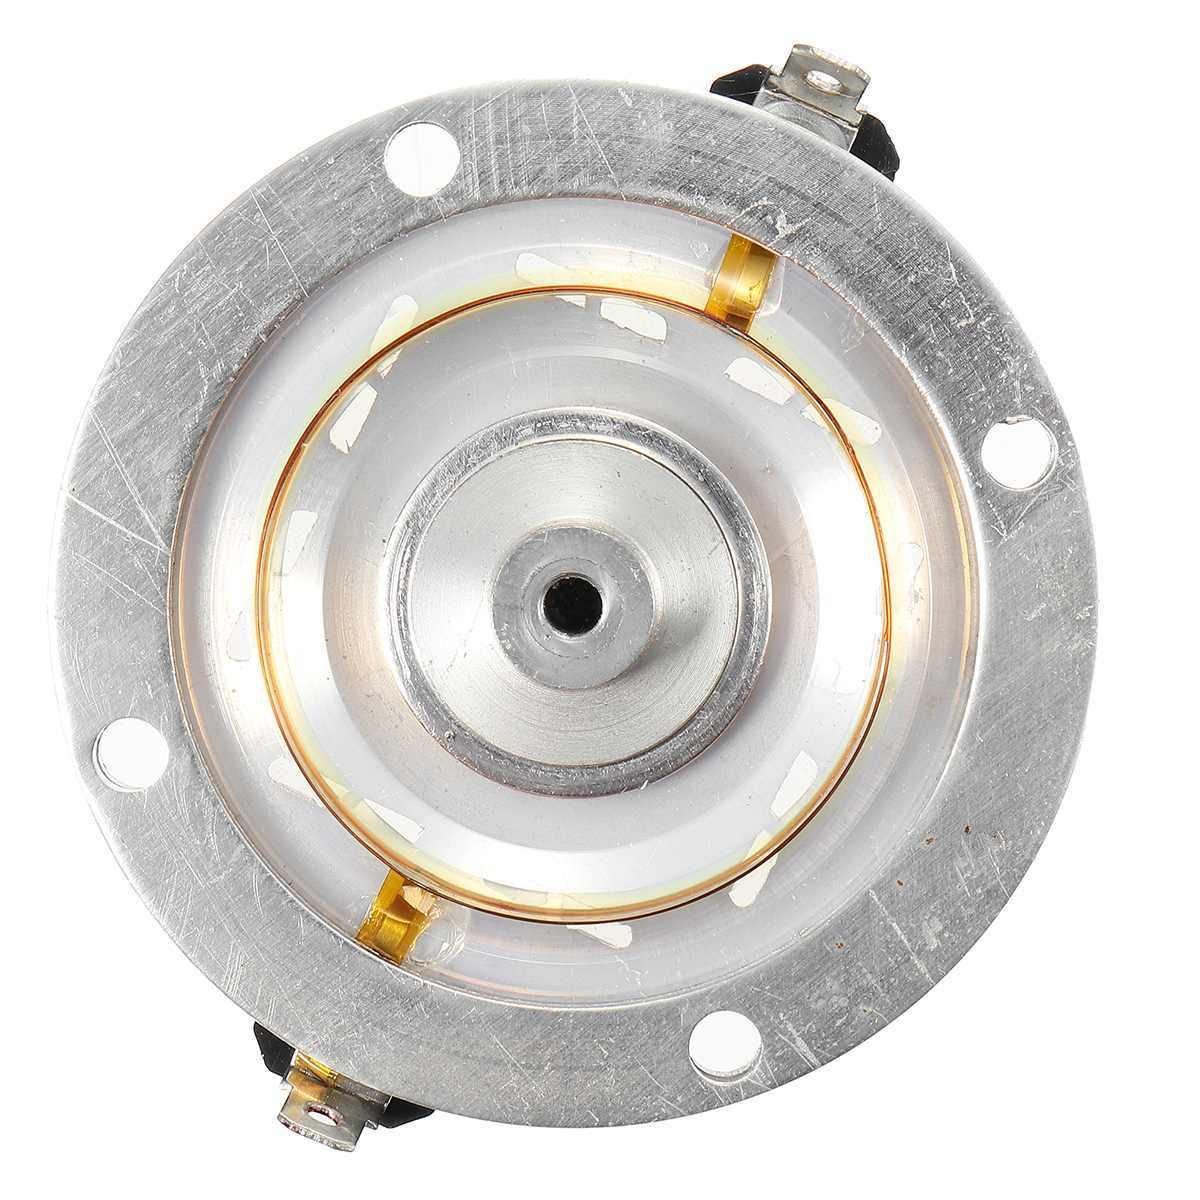 Membrana de diafragma de reemplazo de alta inclinación para JBL 2408H-2 altavoz controlador de bocina PRX725 PRX735 accesorios de altavoz herramientas